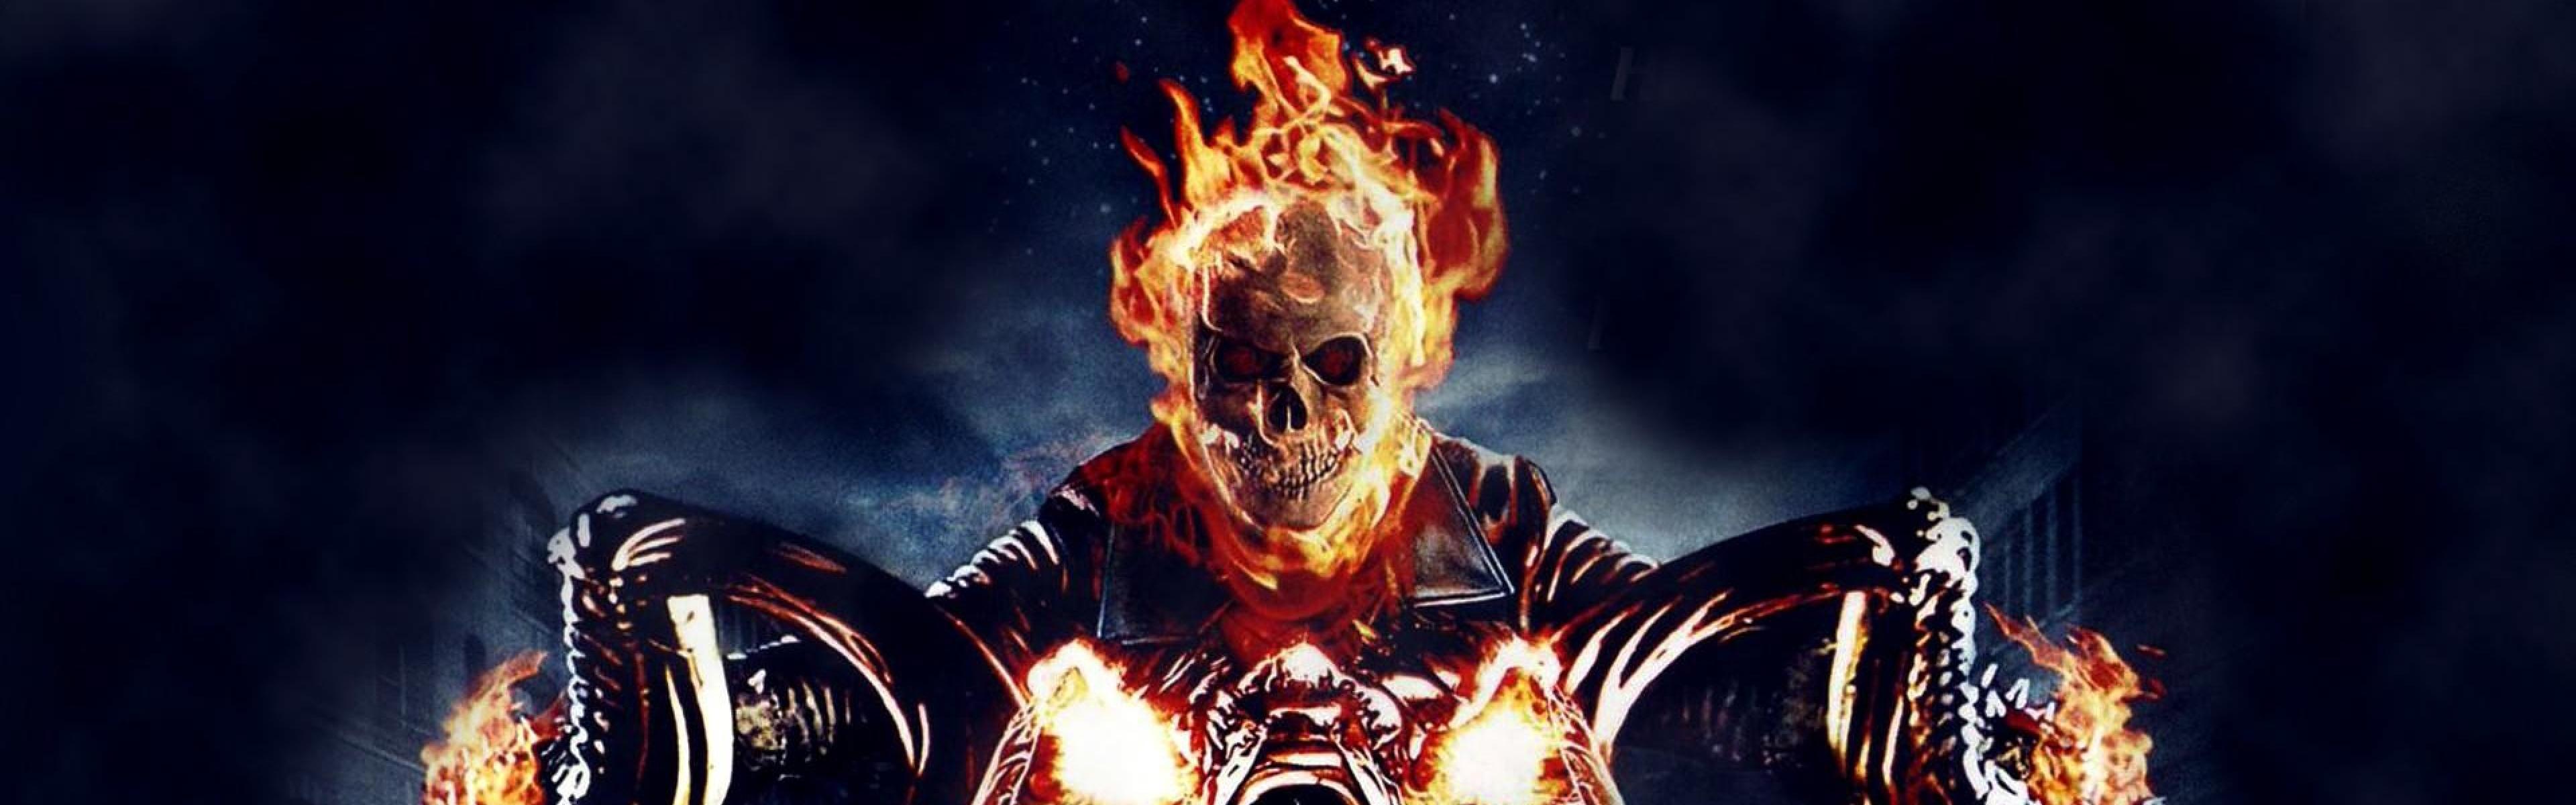 Ghost Rider Skull Wallpaper 3840x1200